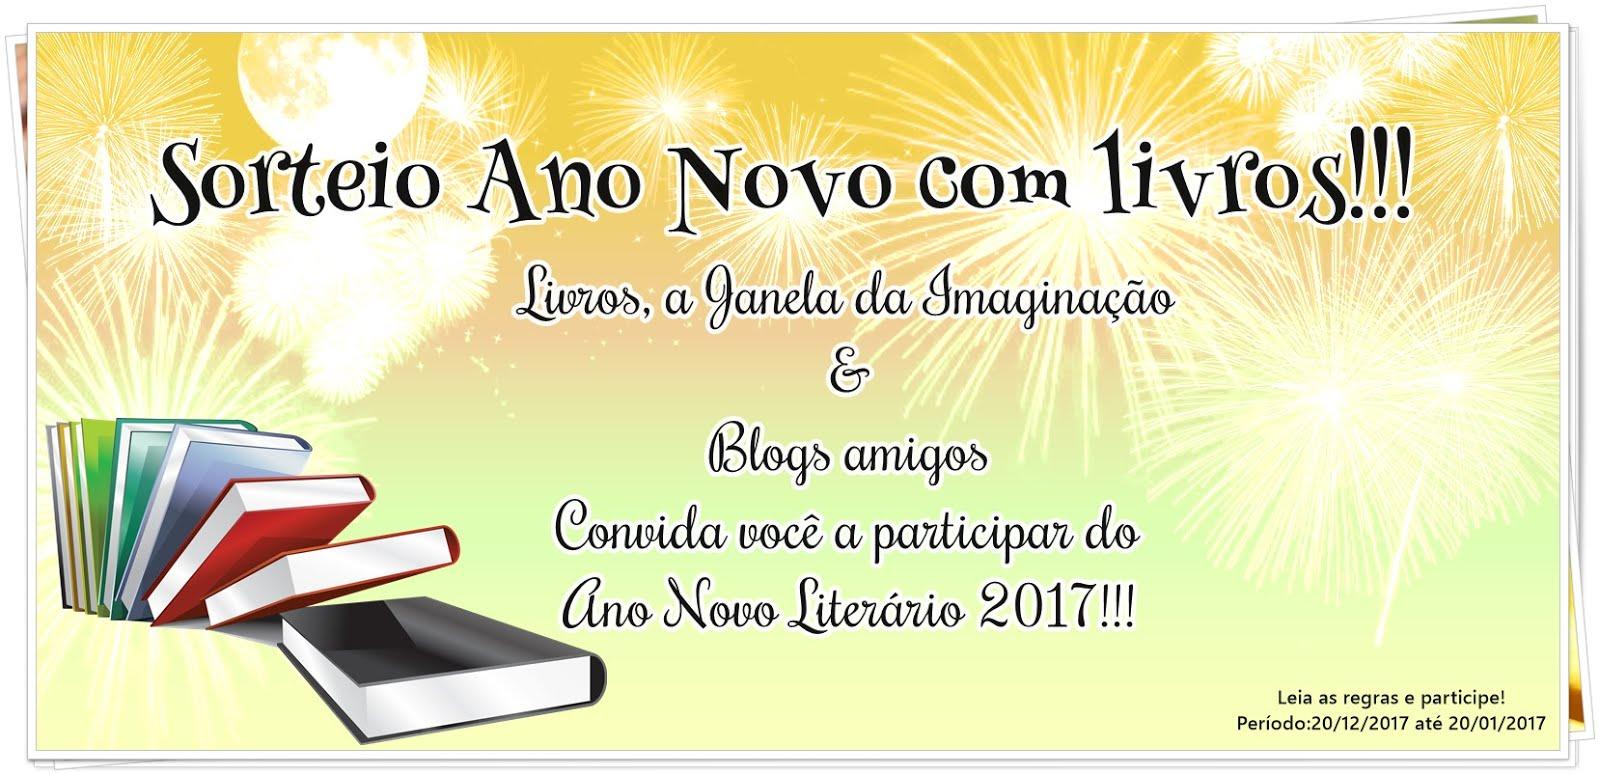 Sorteio Ano Novo com livros